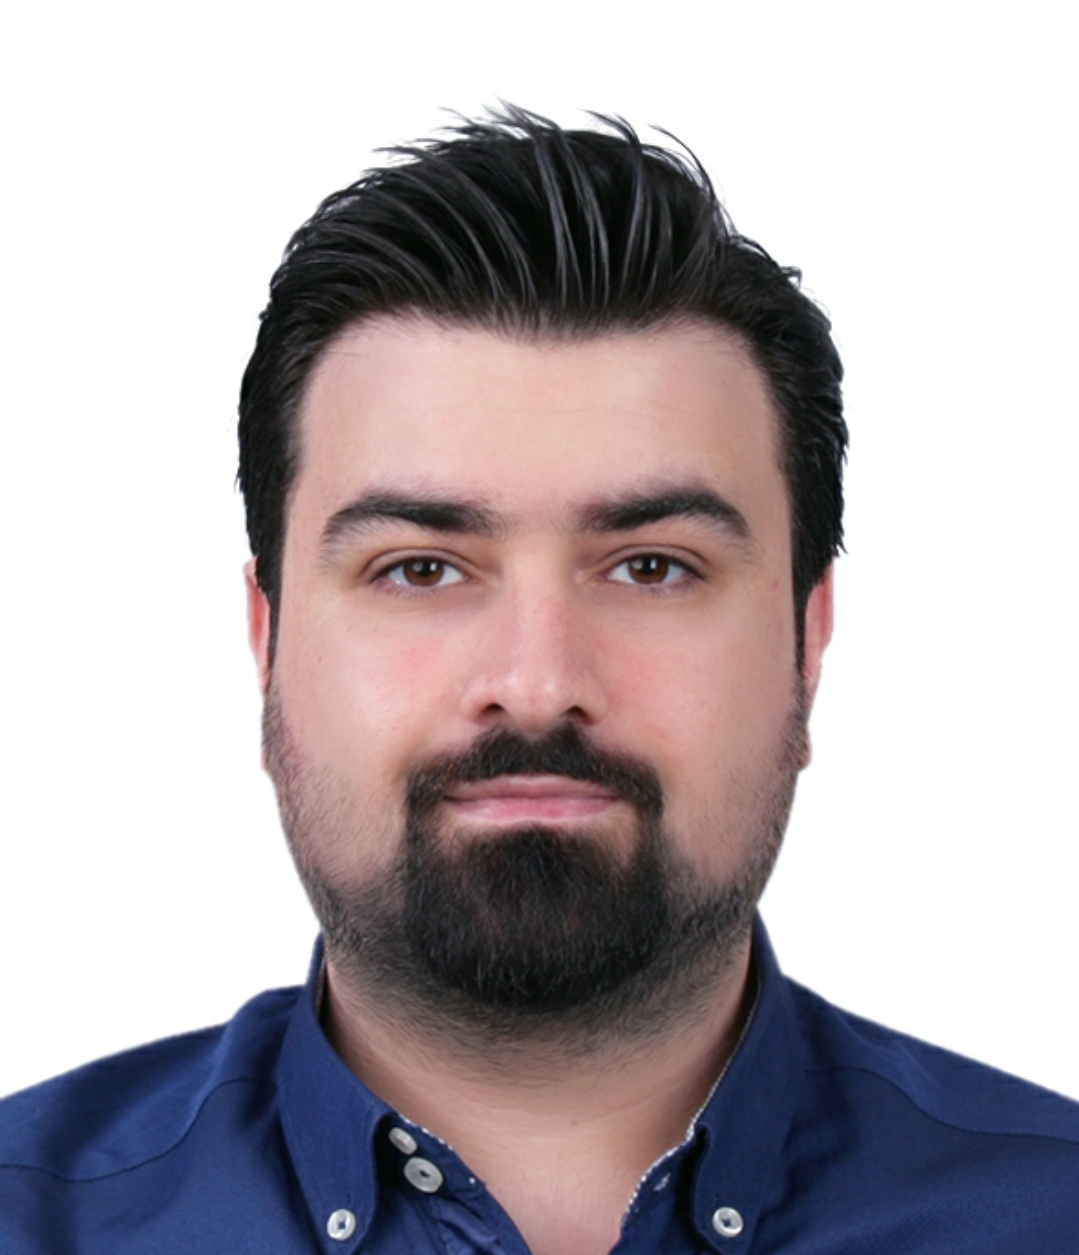 Mohammad Hantoush